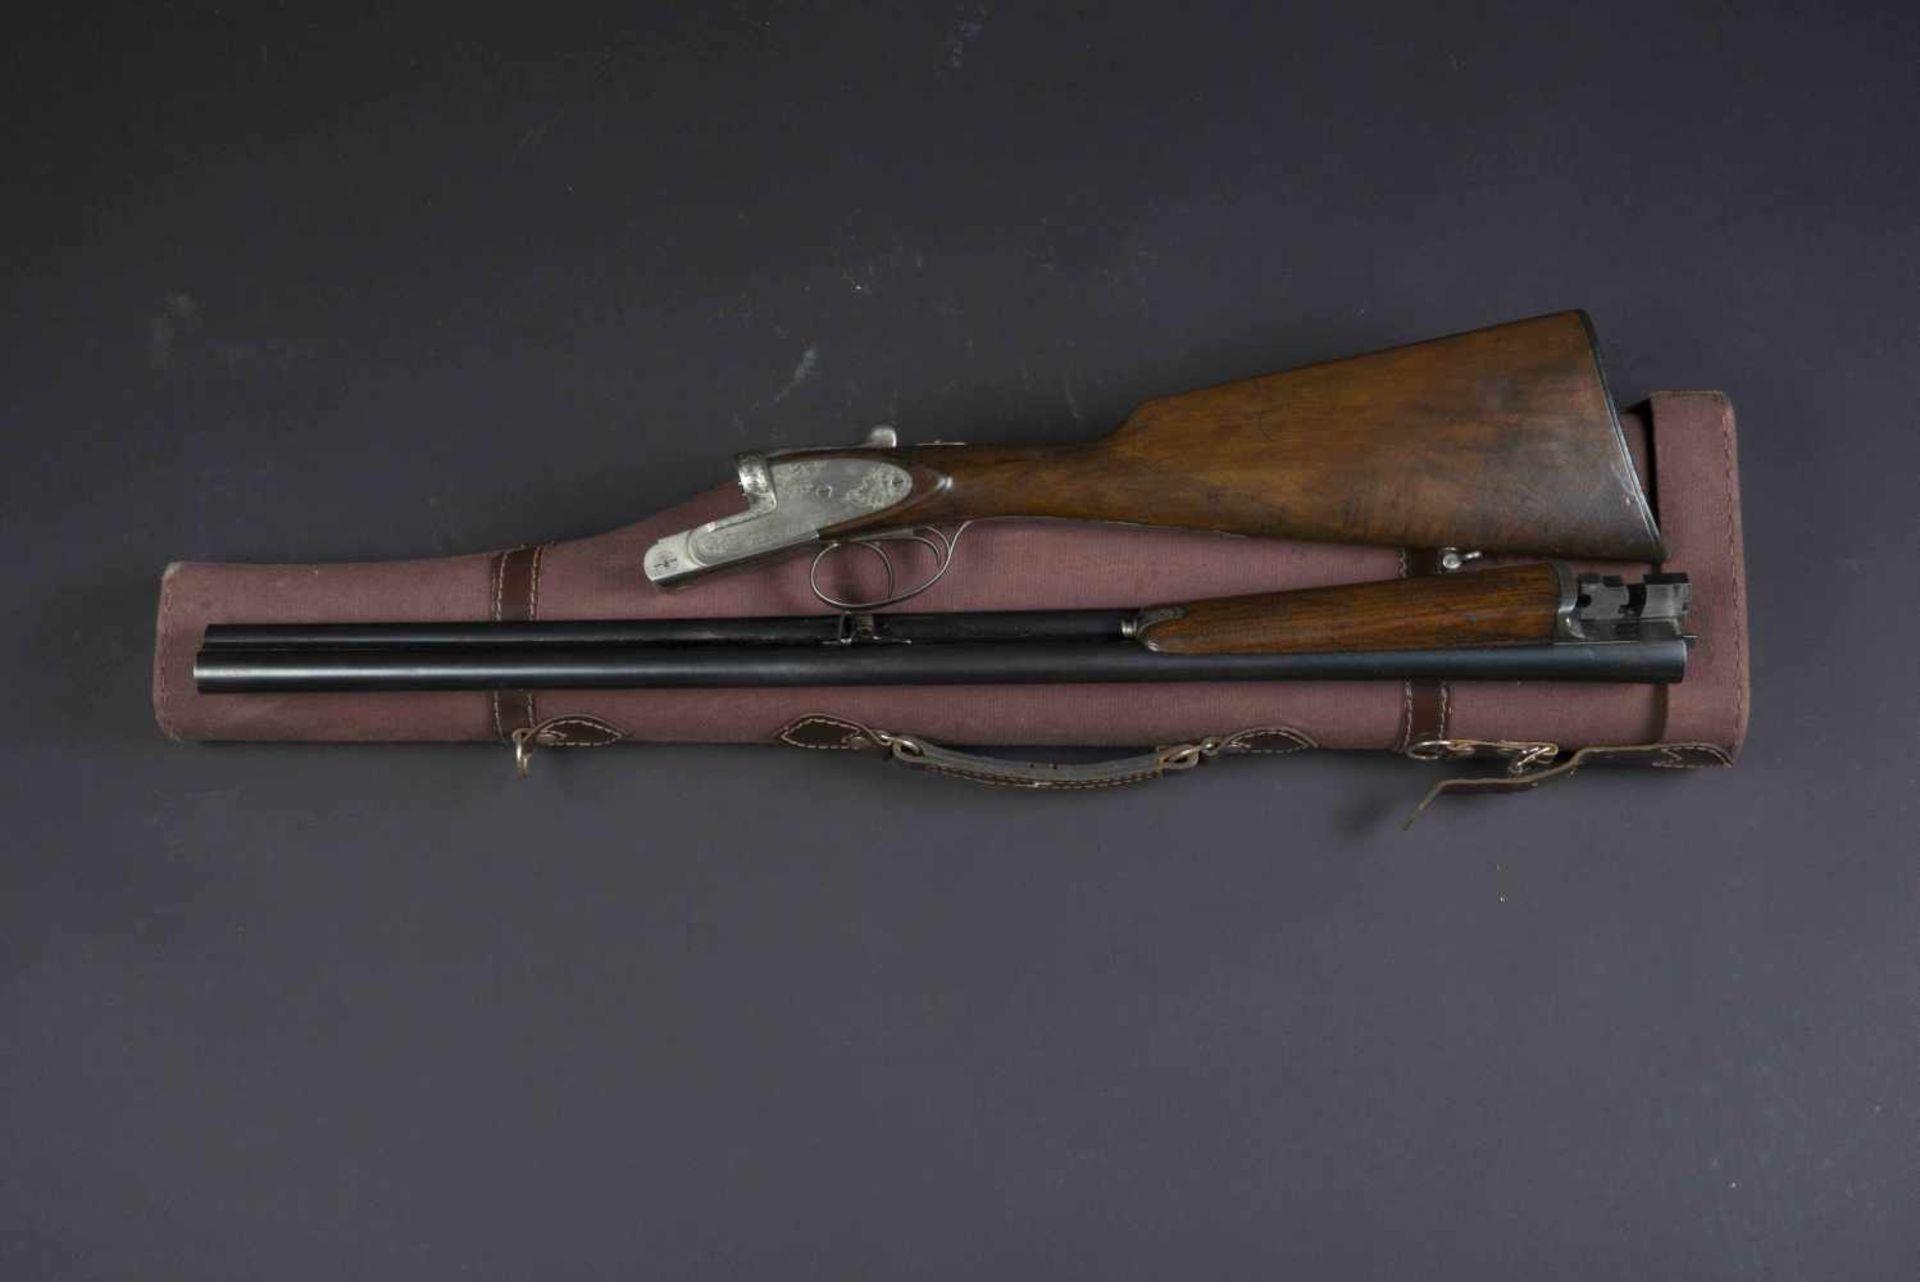 Fusil de chasse Verney Carron Catégorie C Parties métalliques ciselées. Verney Carron Helicobloc.